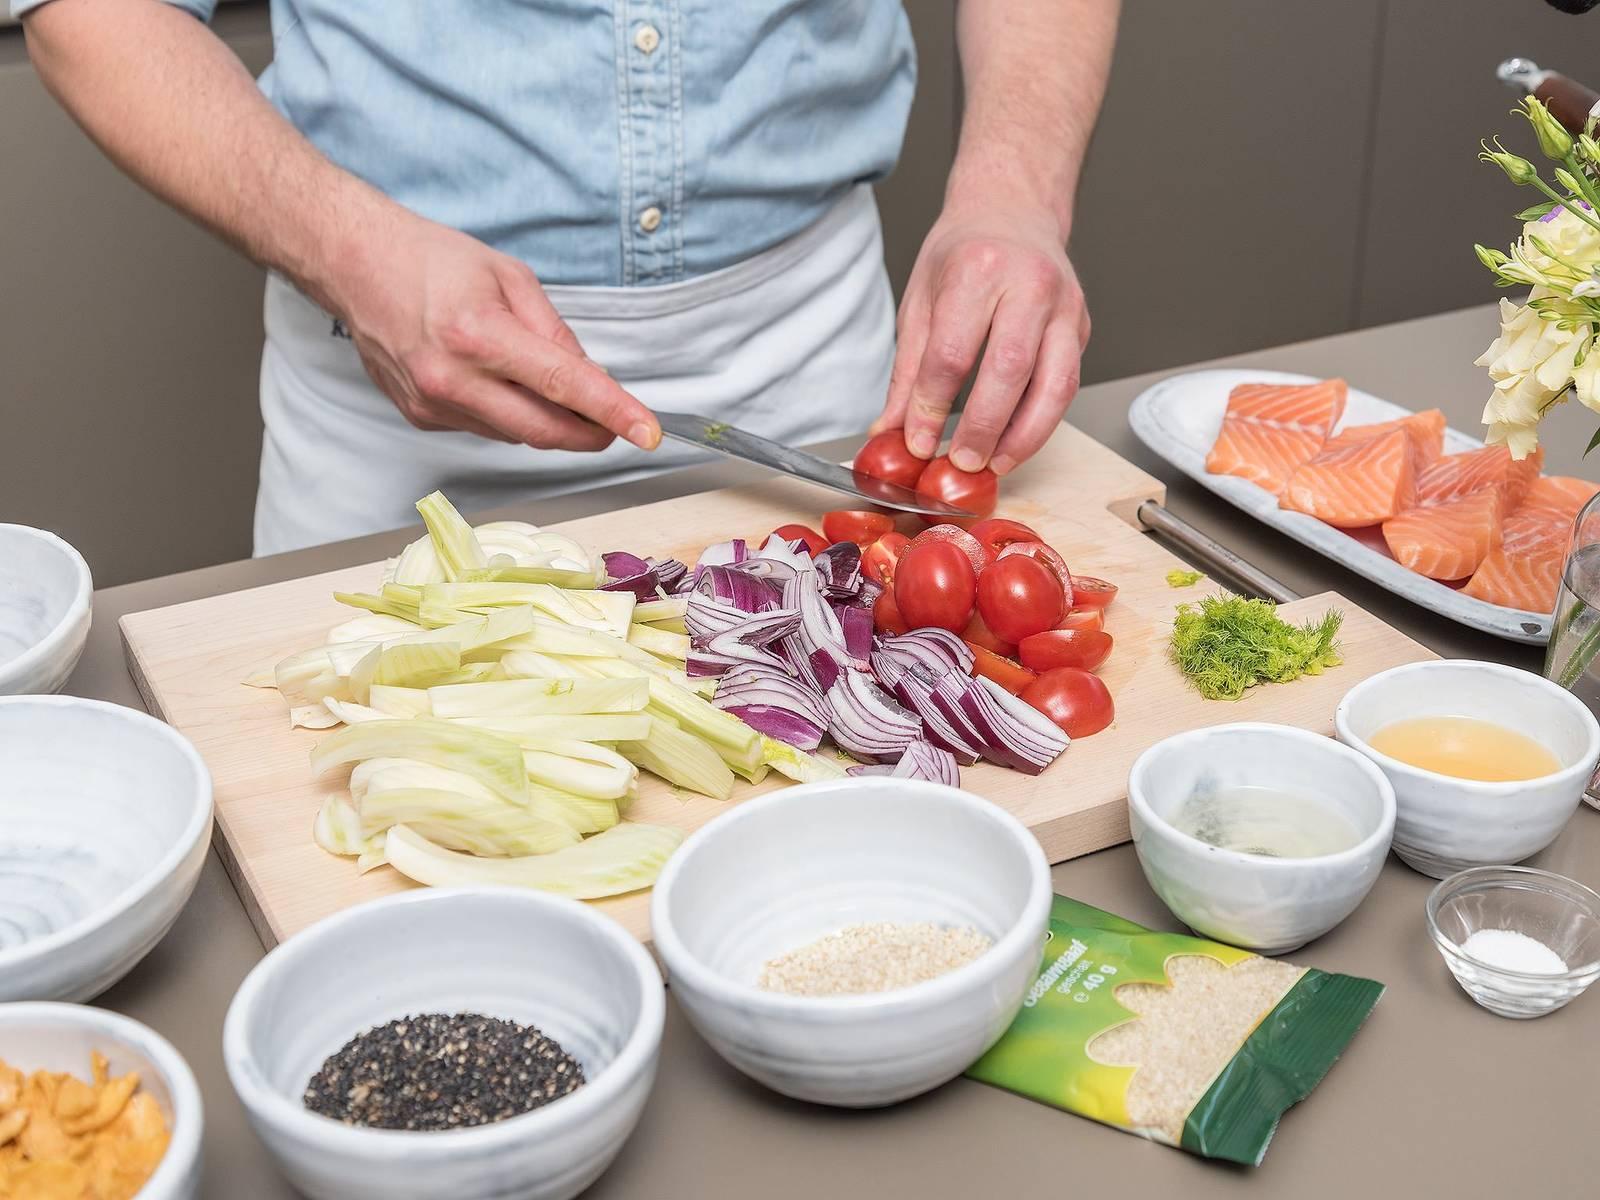 Öl in einer Pfanne bei mittlerer bis hoher Hitze erwärmen. Lachs auf der Krustenseite ca. 3 - 5 Min. anbraten und anschließend wenden. Bei 120°C ca. 10 Min. im Backofen garen. In der Zwischenzeit Fenchel zurechtschneiden und in Spalten schneiden. Tomaten halbieren und Zwiebeln in Spalten schneiden.